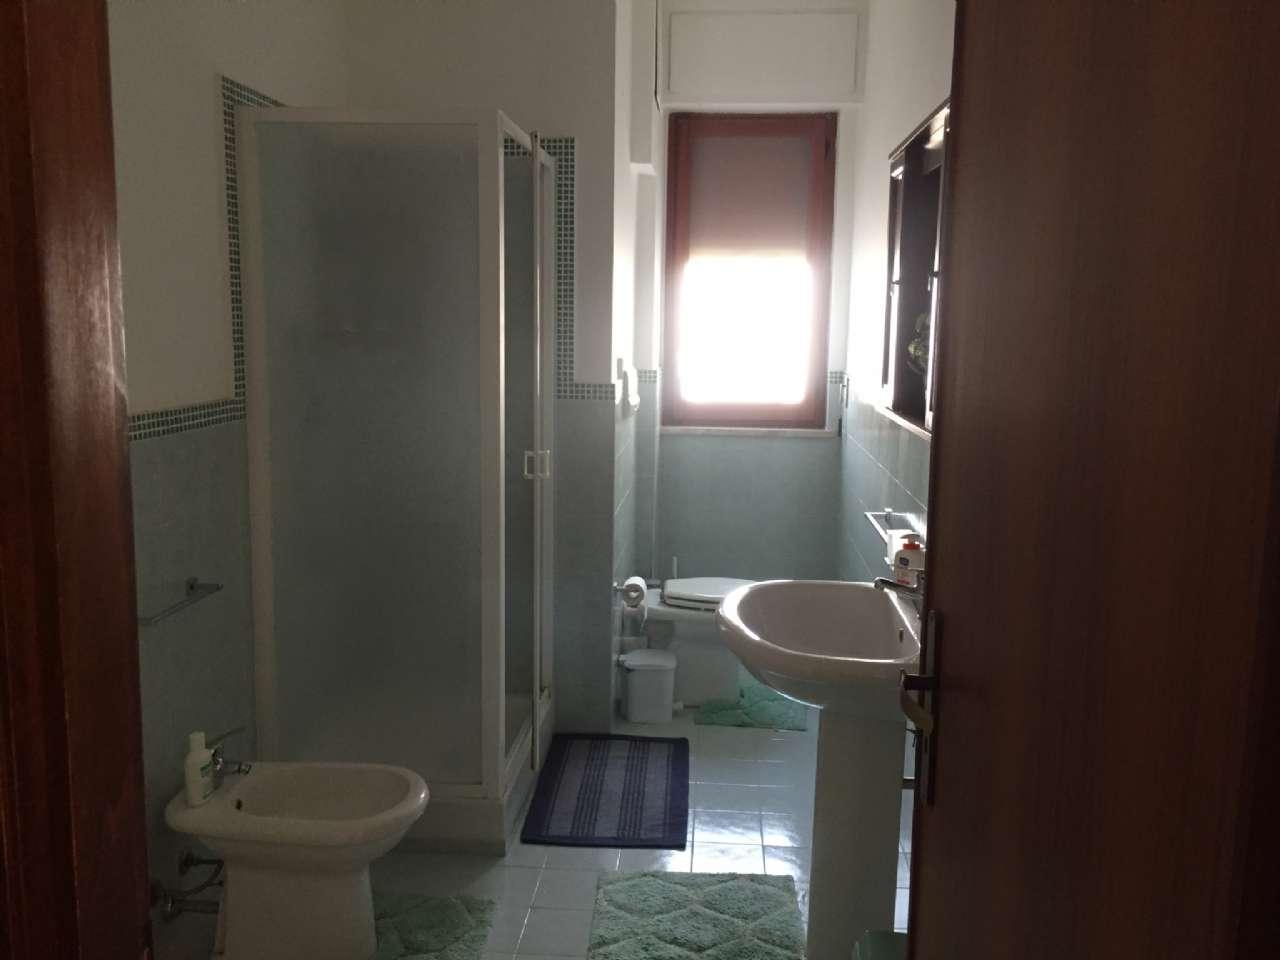 Quadrilocale, Via Ercole Bernabei, zona Malaspina, Palermo, foto 9